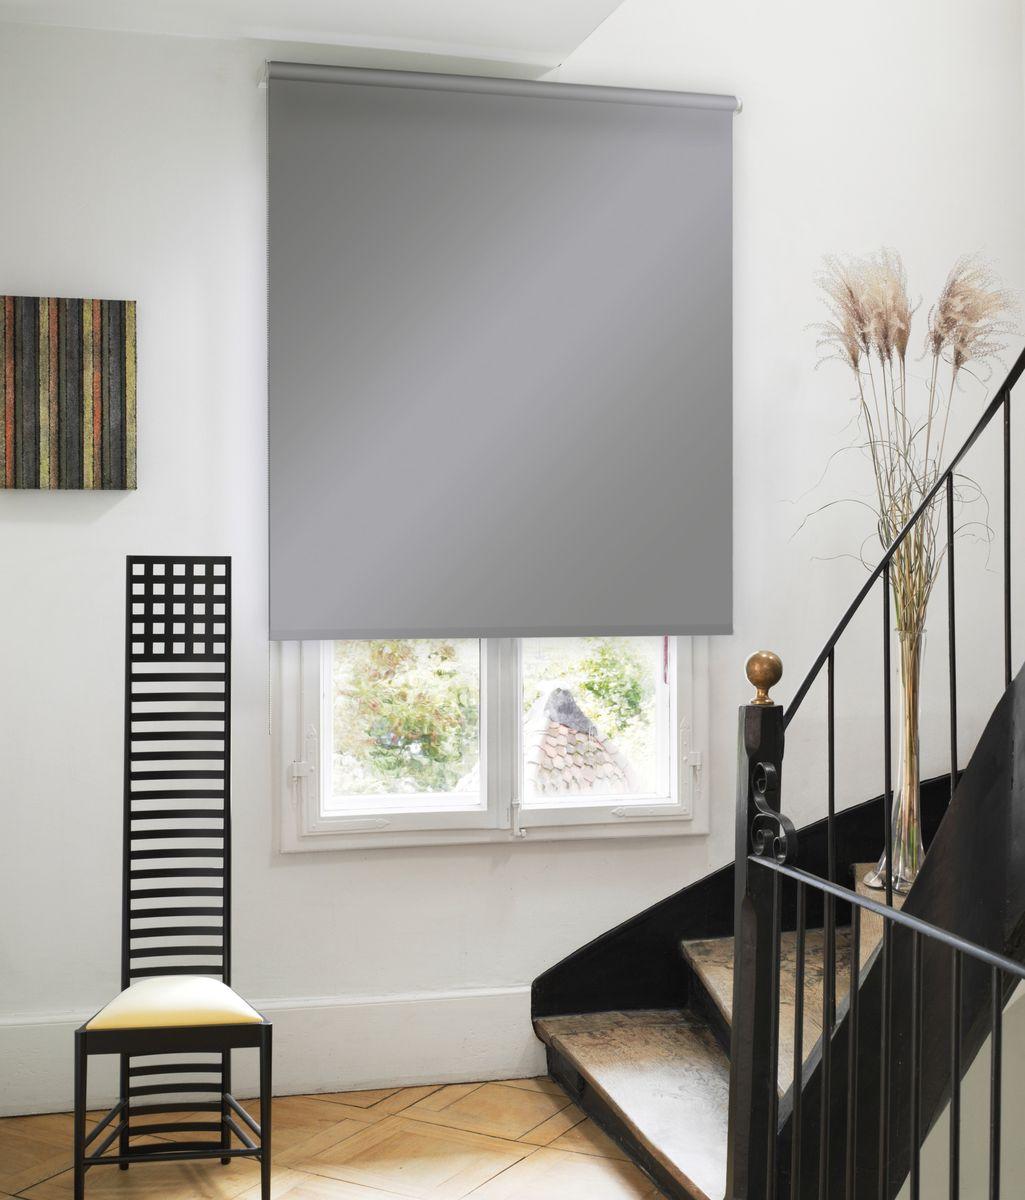 Штора рулонная Эскар Миниролло, цвет: серый, ширина 43 см, высота 170 см31020043170Рулонными шторами можно оформлять окна как самостоятельно, так и использовать в комбинации с портьерами. Это поможет предотвратить выгорание дорогой ткани на солнце и соединит функционал рулонных с красотой навесных. Преимущества применения рулонных штор для пластиковых окон: - имеют прекрасный внешний вид: многообразие и фактурность материала изделия отлично смотрятся в любом интерьере;- многофункциональны: есть возможность подобрать шторы способные эффективно защитить комнату от солнца, при этом она не будет слишком темной. - Есть возможность осуществить быстрый монтаж.ВНИМАНИЕ! Размеры ширины изделия указаны по ширине ткани! Во время эксплуатации не рекомендуется полностью разматывать рулон, чтобы не оторвать ткань от намоточного вала. В случае загрязнения поверхности ткани, чистку шторы проводят одним из способов, в зависимости от типа загрязнения:легкое поверхностное загрязнение можно удалить при помощи канцелярского ластика;чистка от пыли производится сухим методом при помощи пылесоса с мягкой щеткой-насадкой;для удаления пятна используйте мягкую губку с пенообразующим неагрессивным моющим средством или пятновыводитель на натуральной основе (нельзя применять растворители).